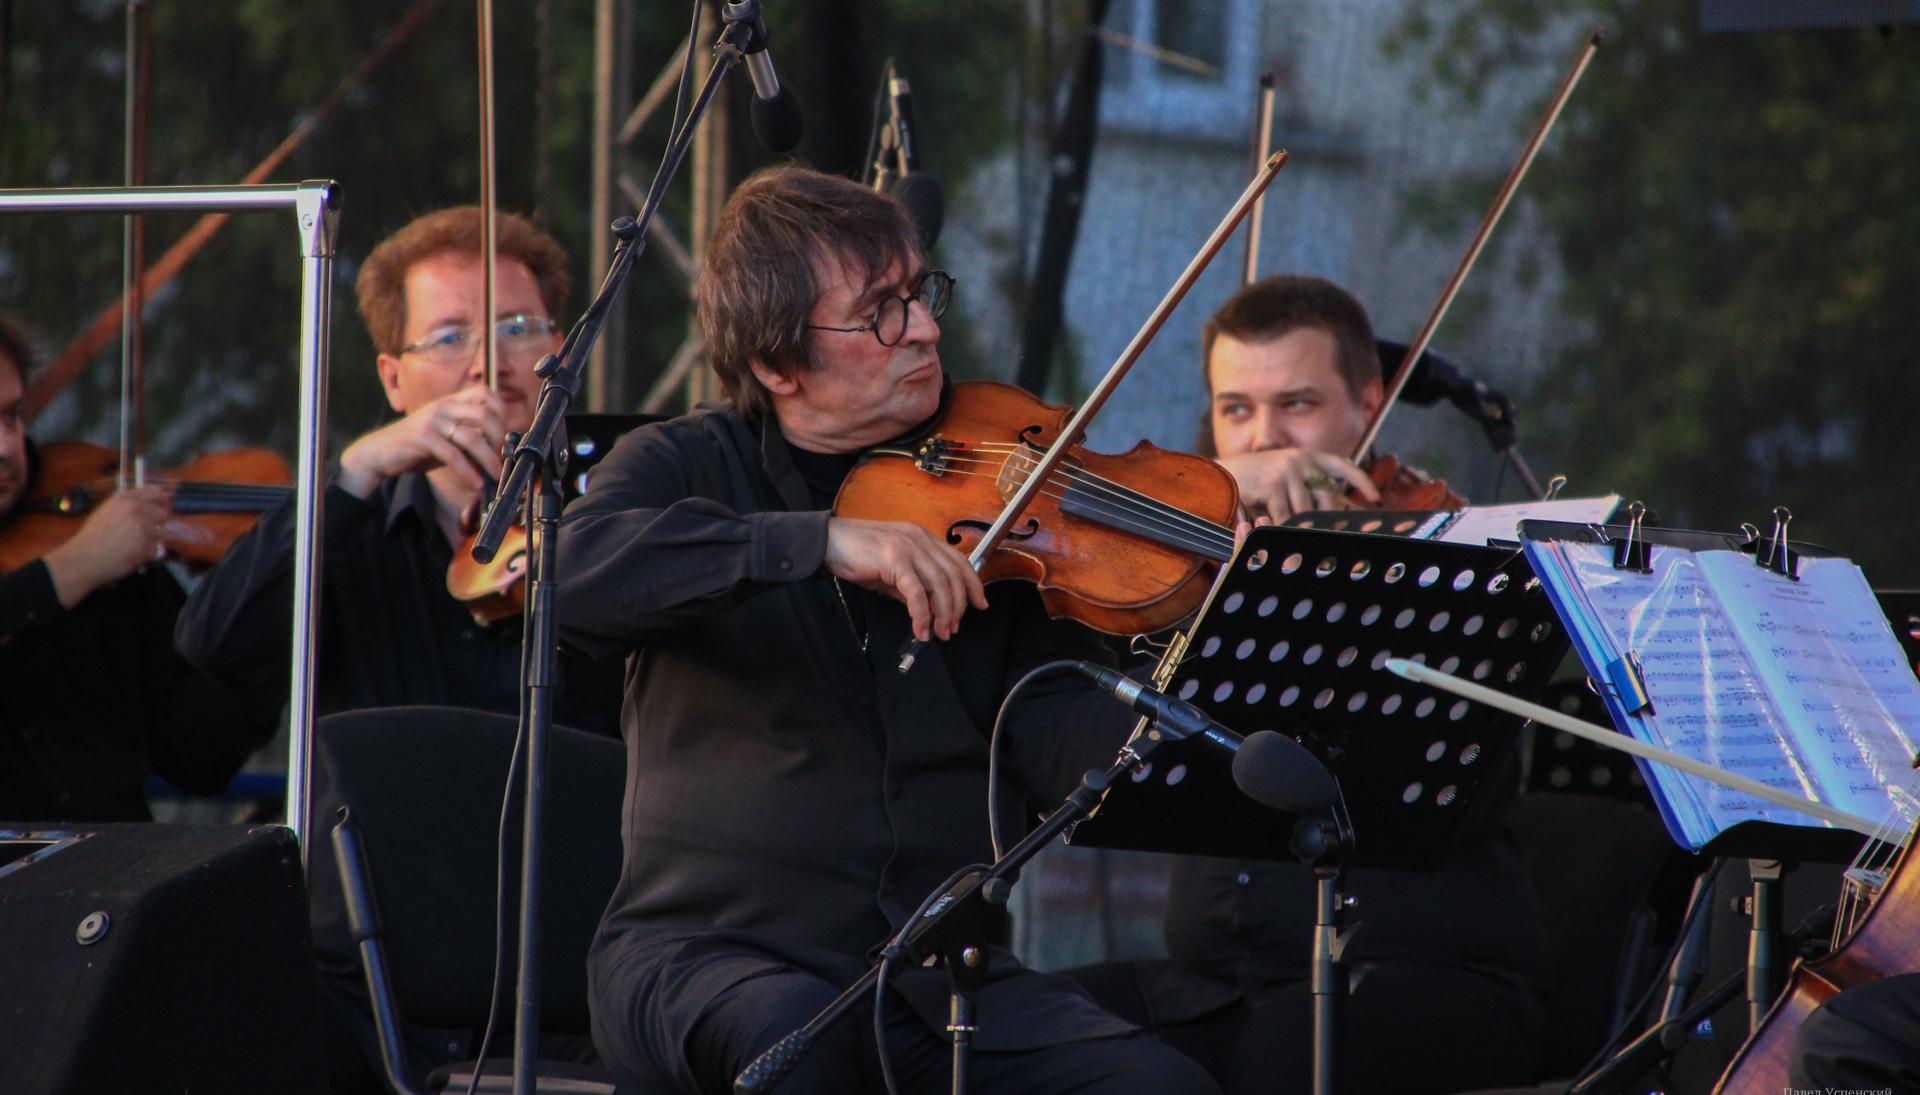 «Вернемся через год»: Юрий Башмет с оркестром выступил под открытым небом в центре Твери